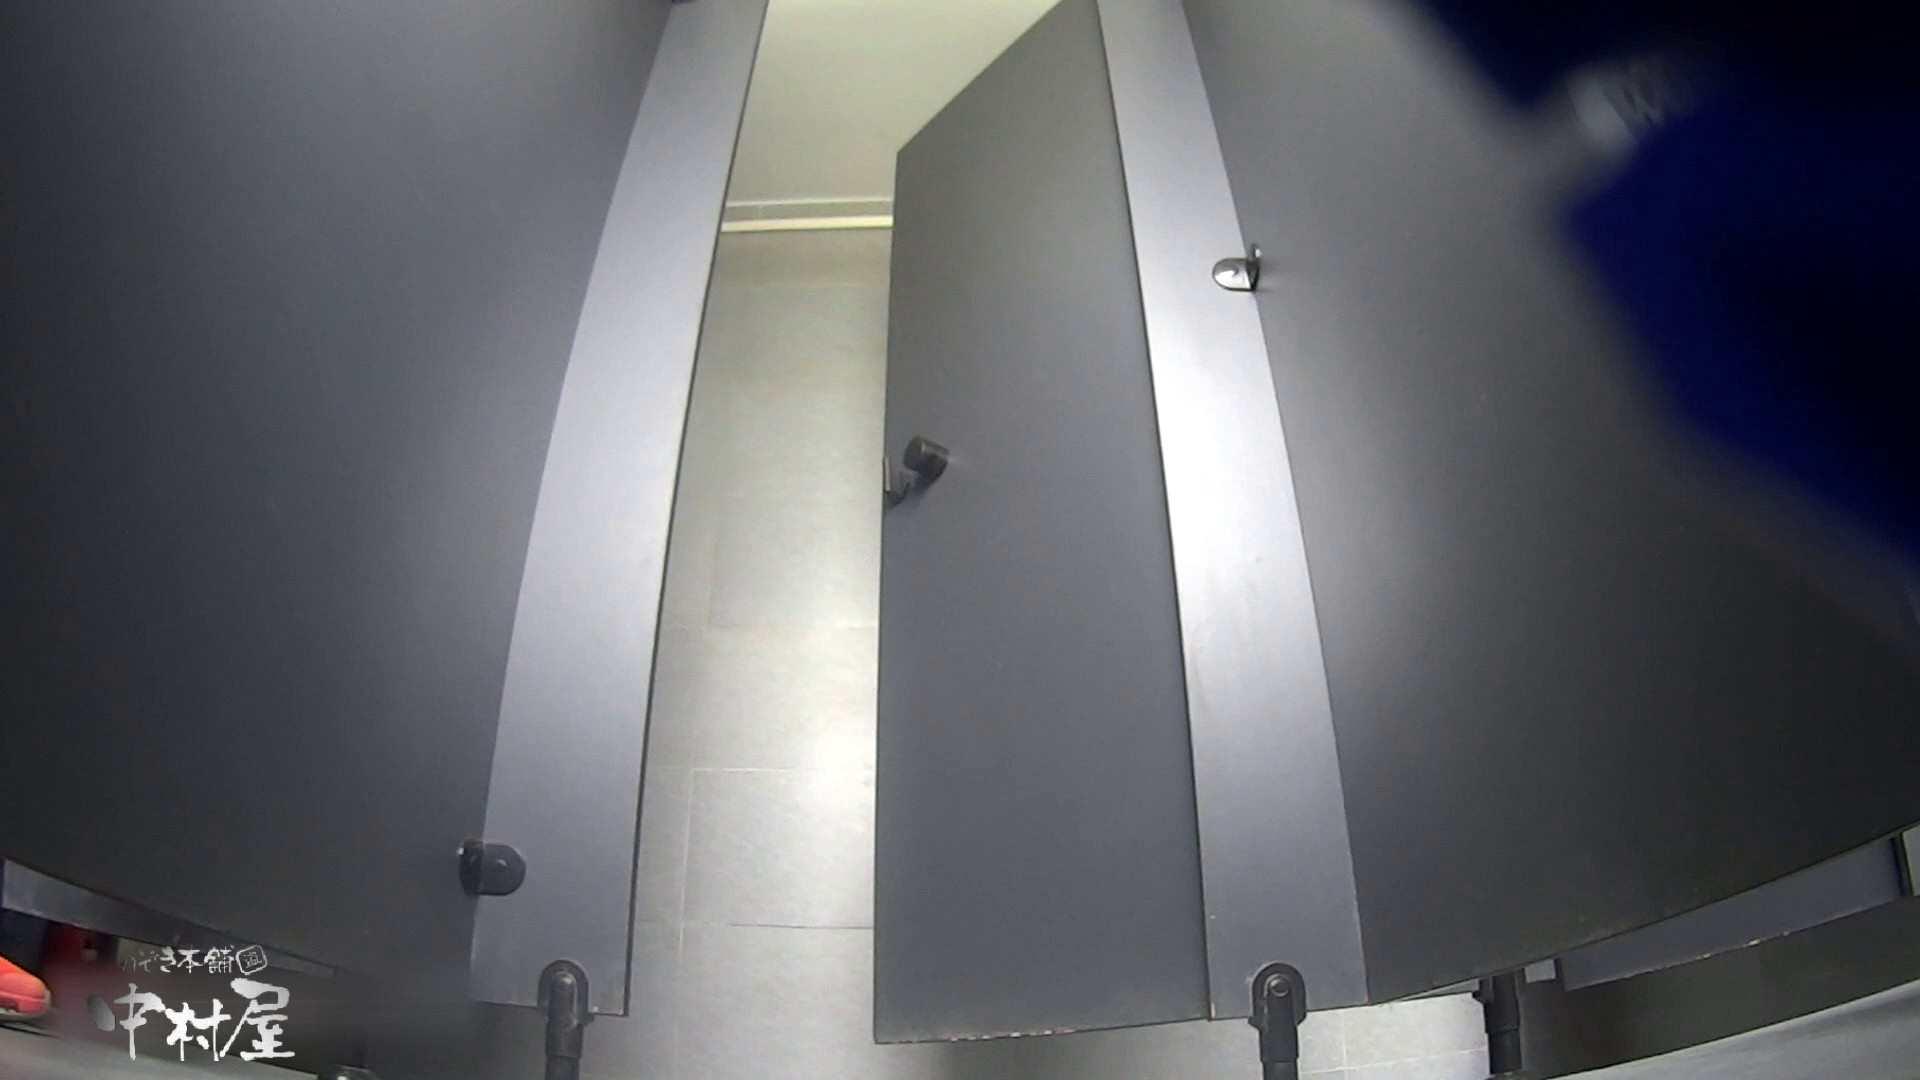 ツンデレお女市さんのトイレ事情 大学休憩時間の洗面所事情32 盗撮シリーズ  110PIX 90